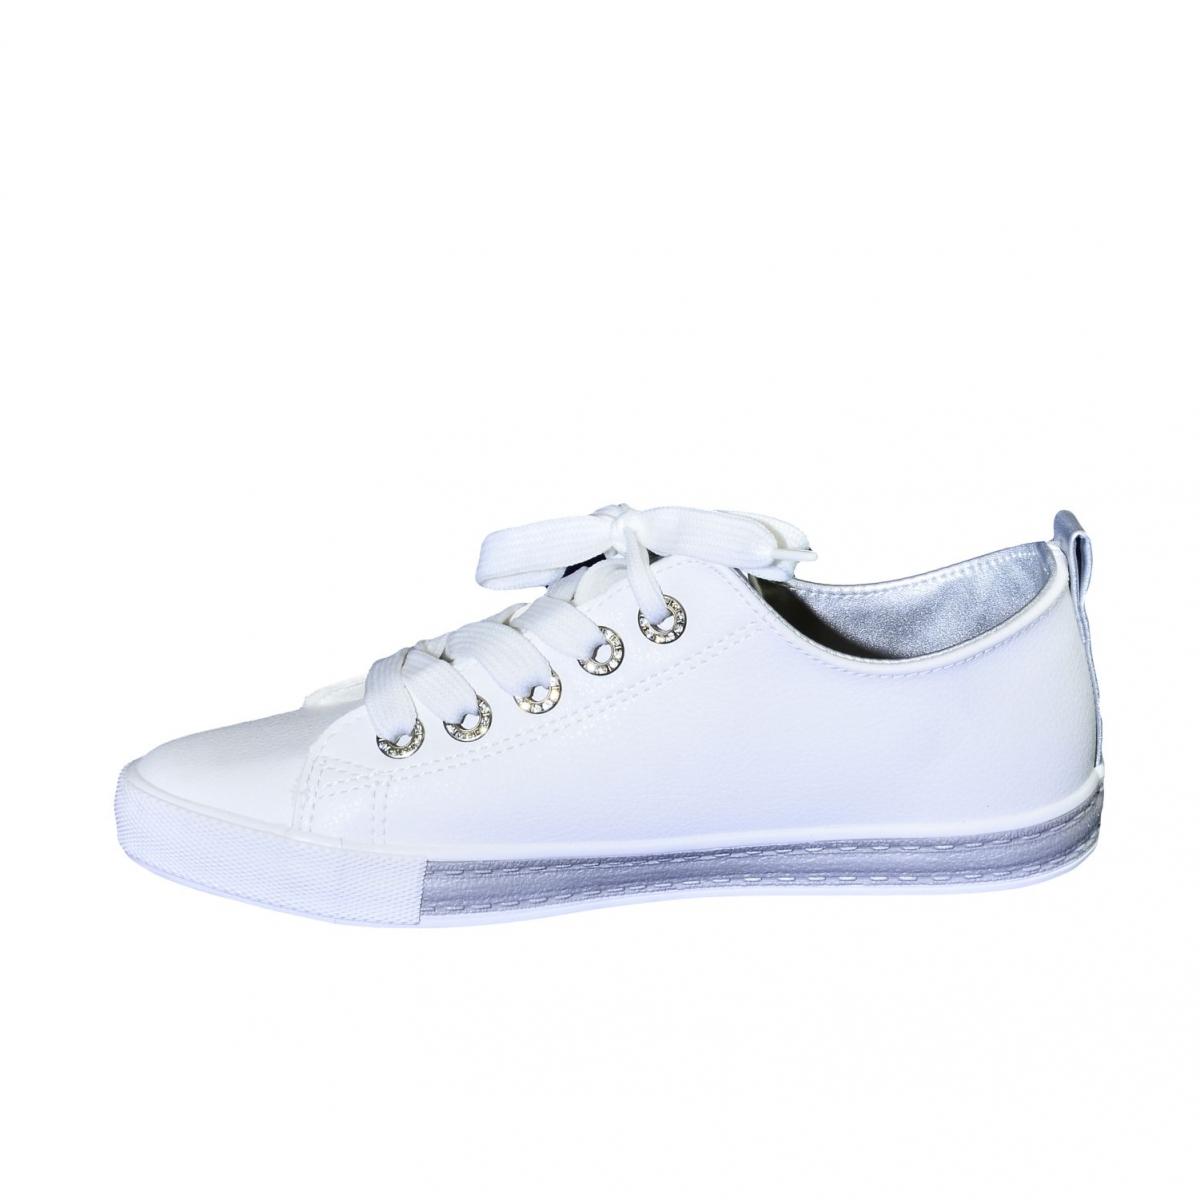 Dámske bielo-strieborné tenisky LAZZA - 6 4a625bf996f